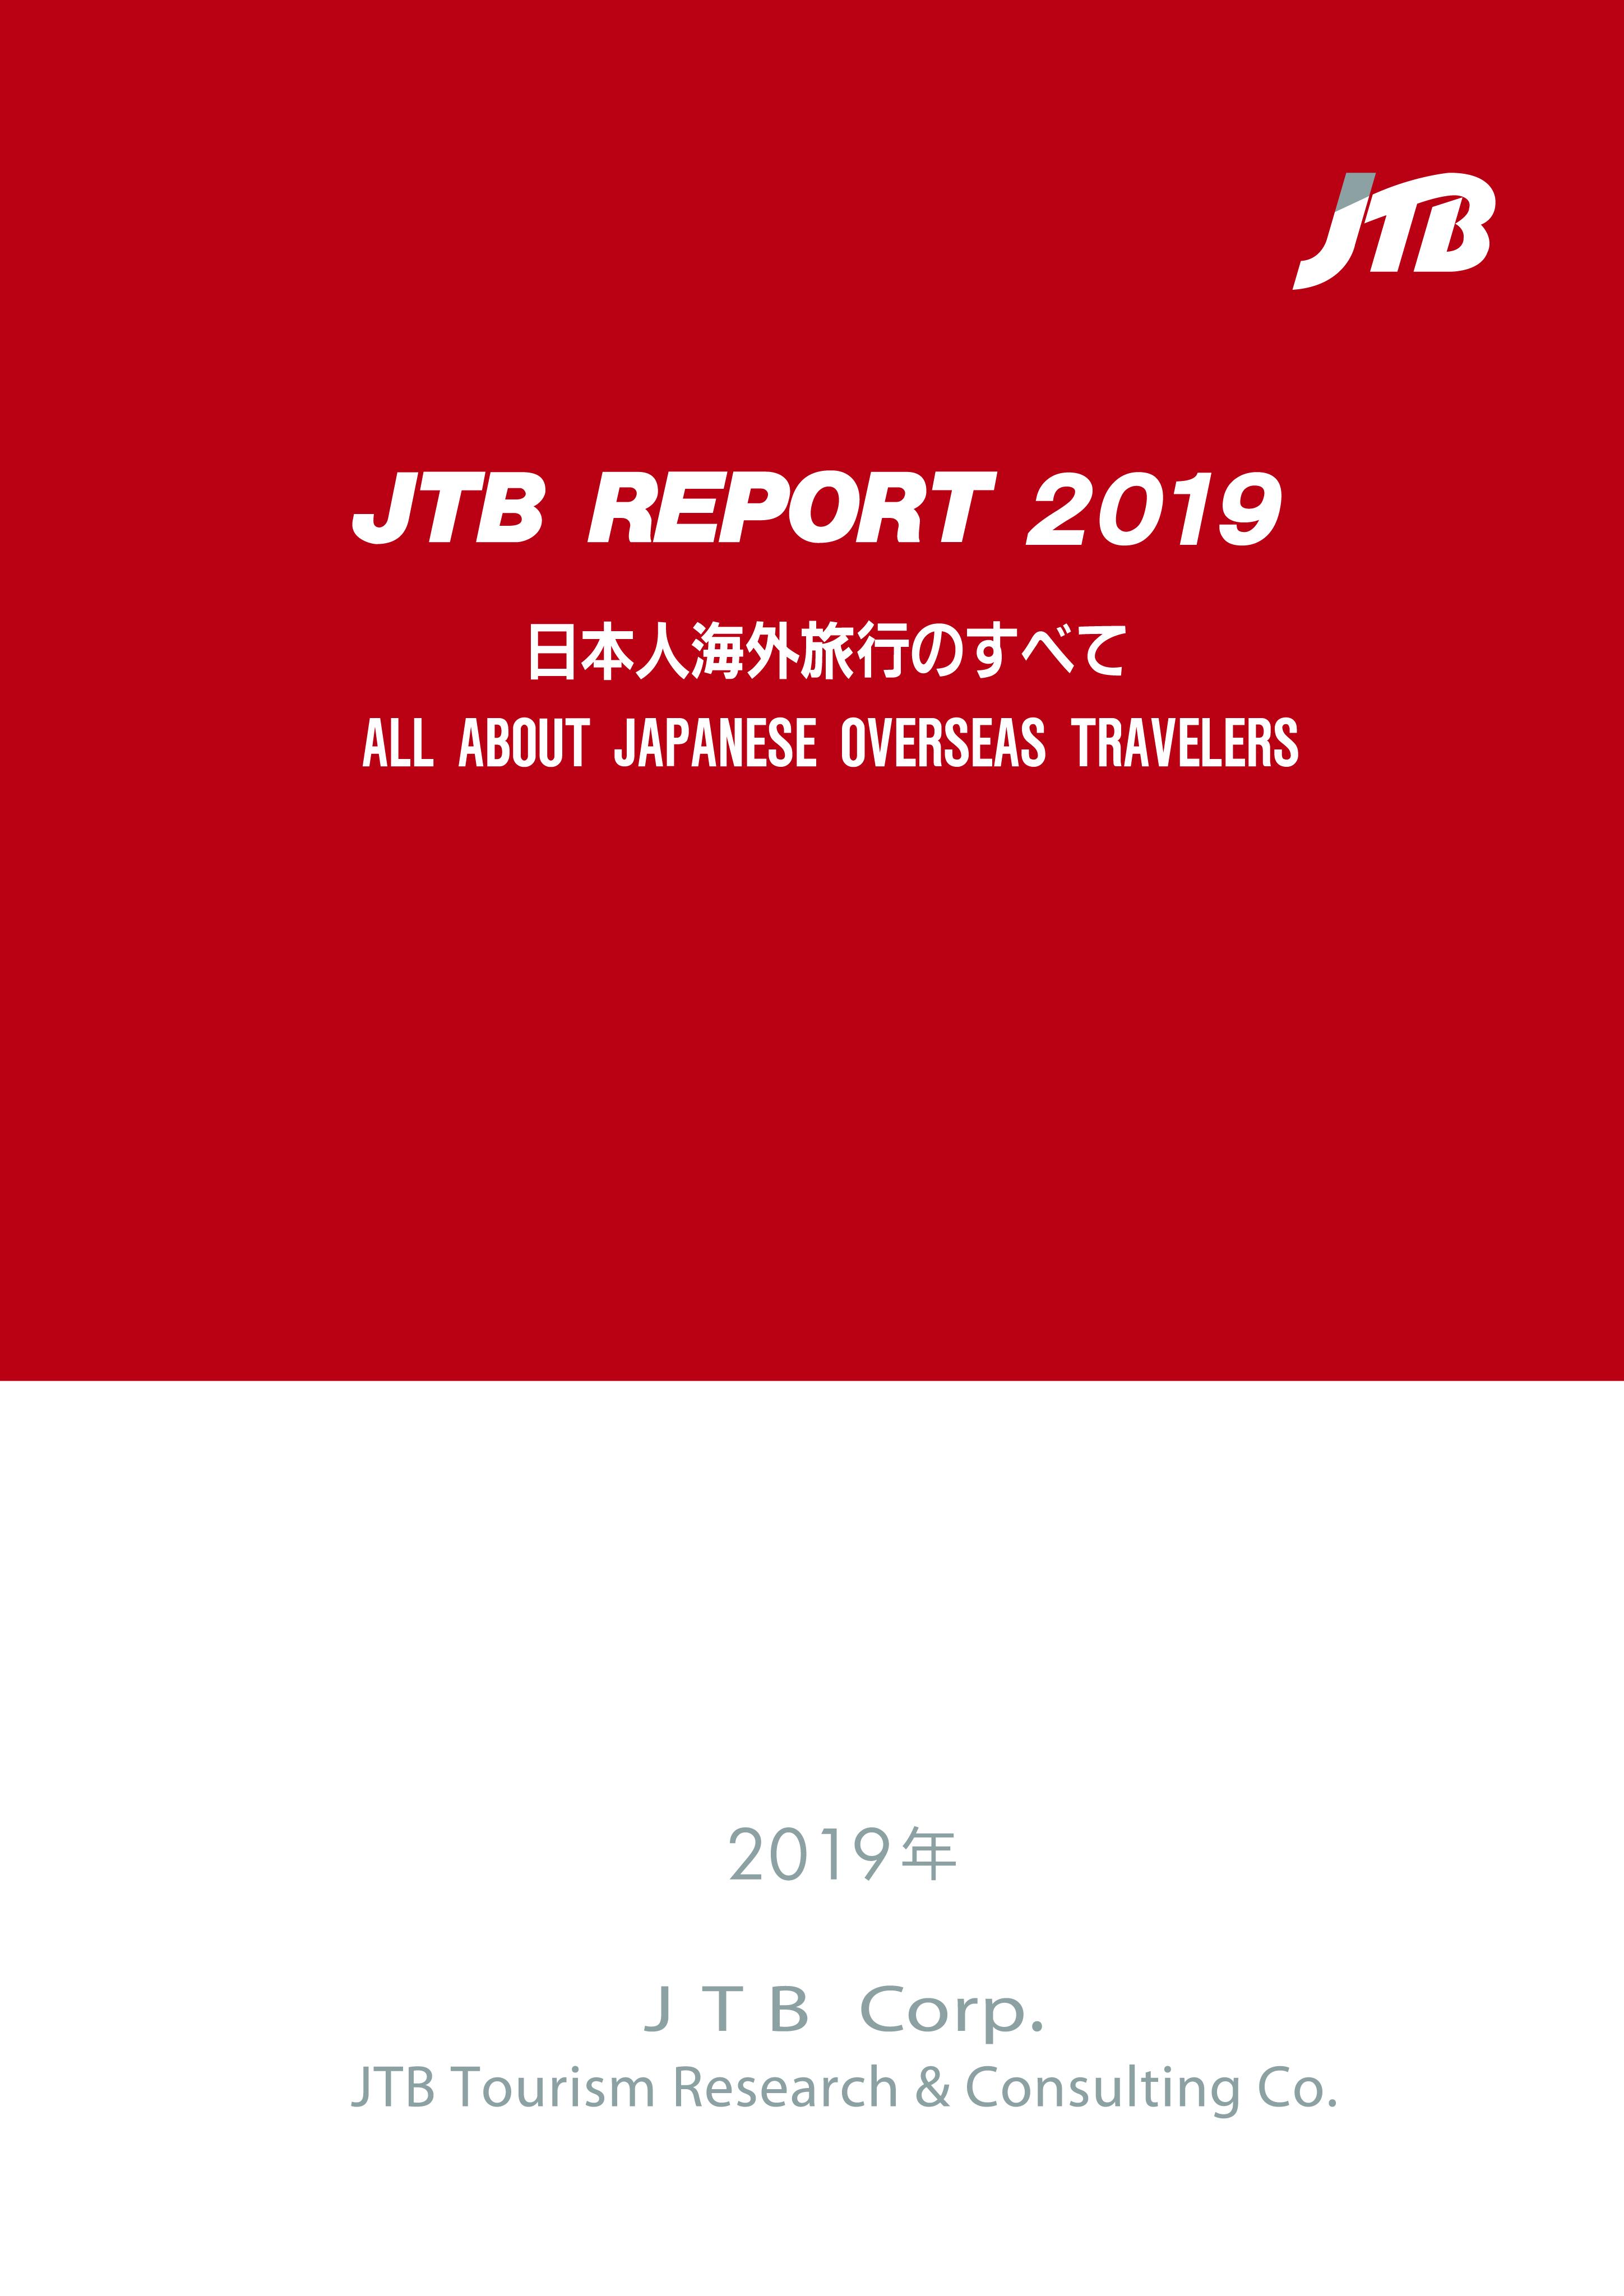 JTB Report